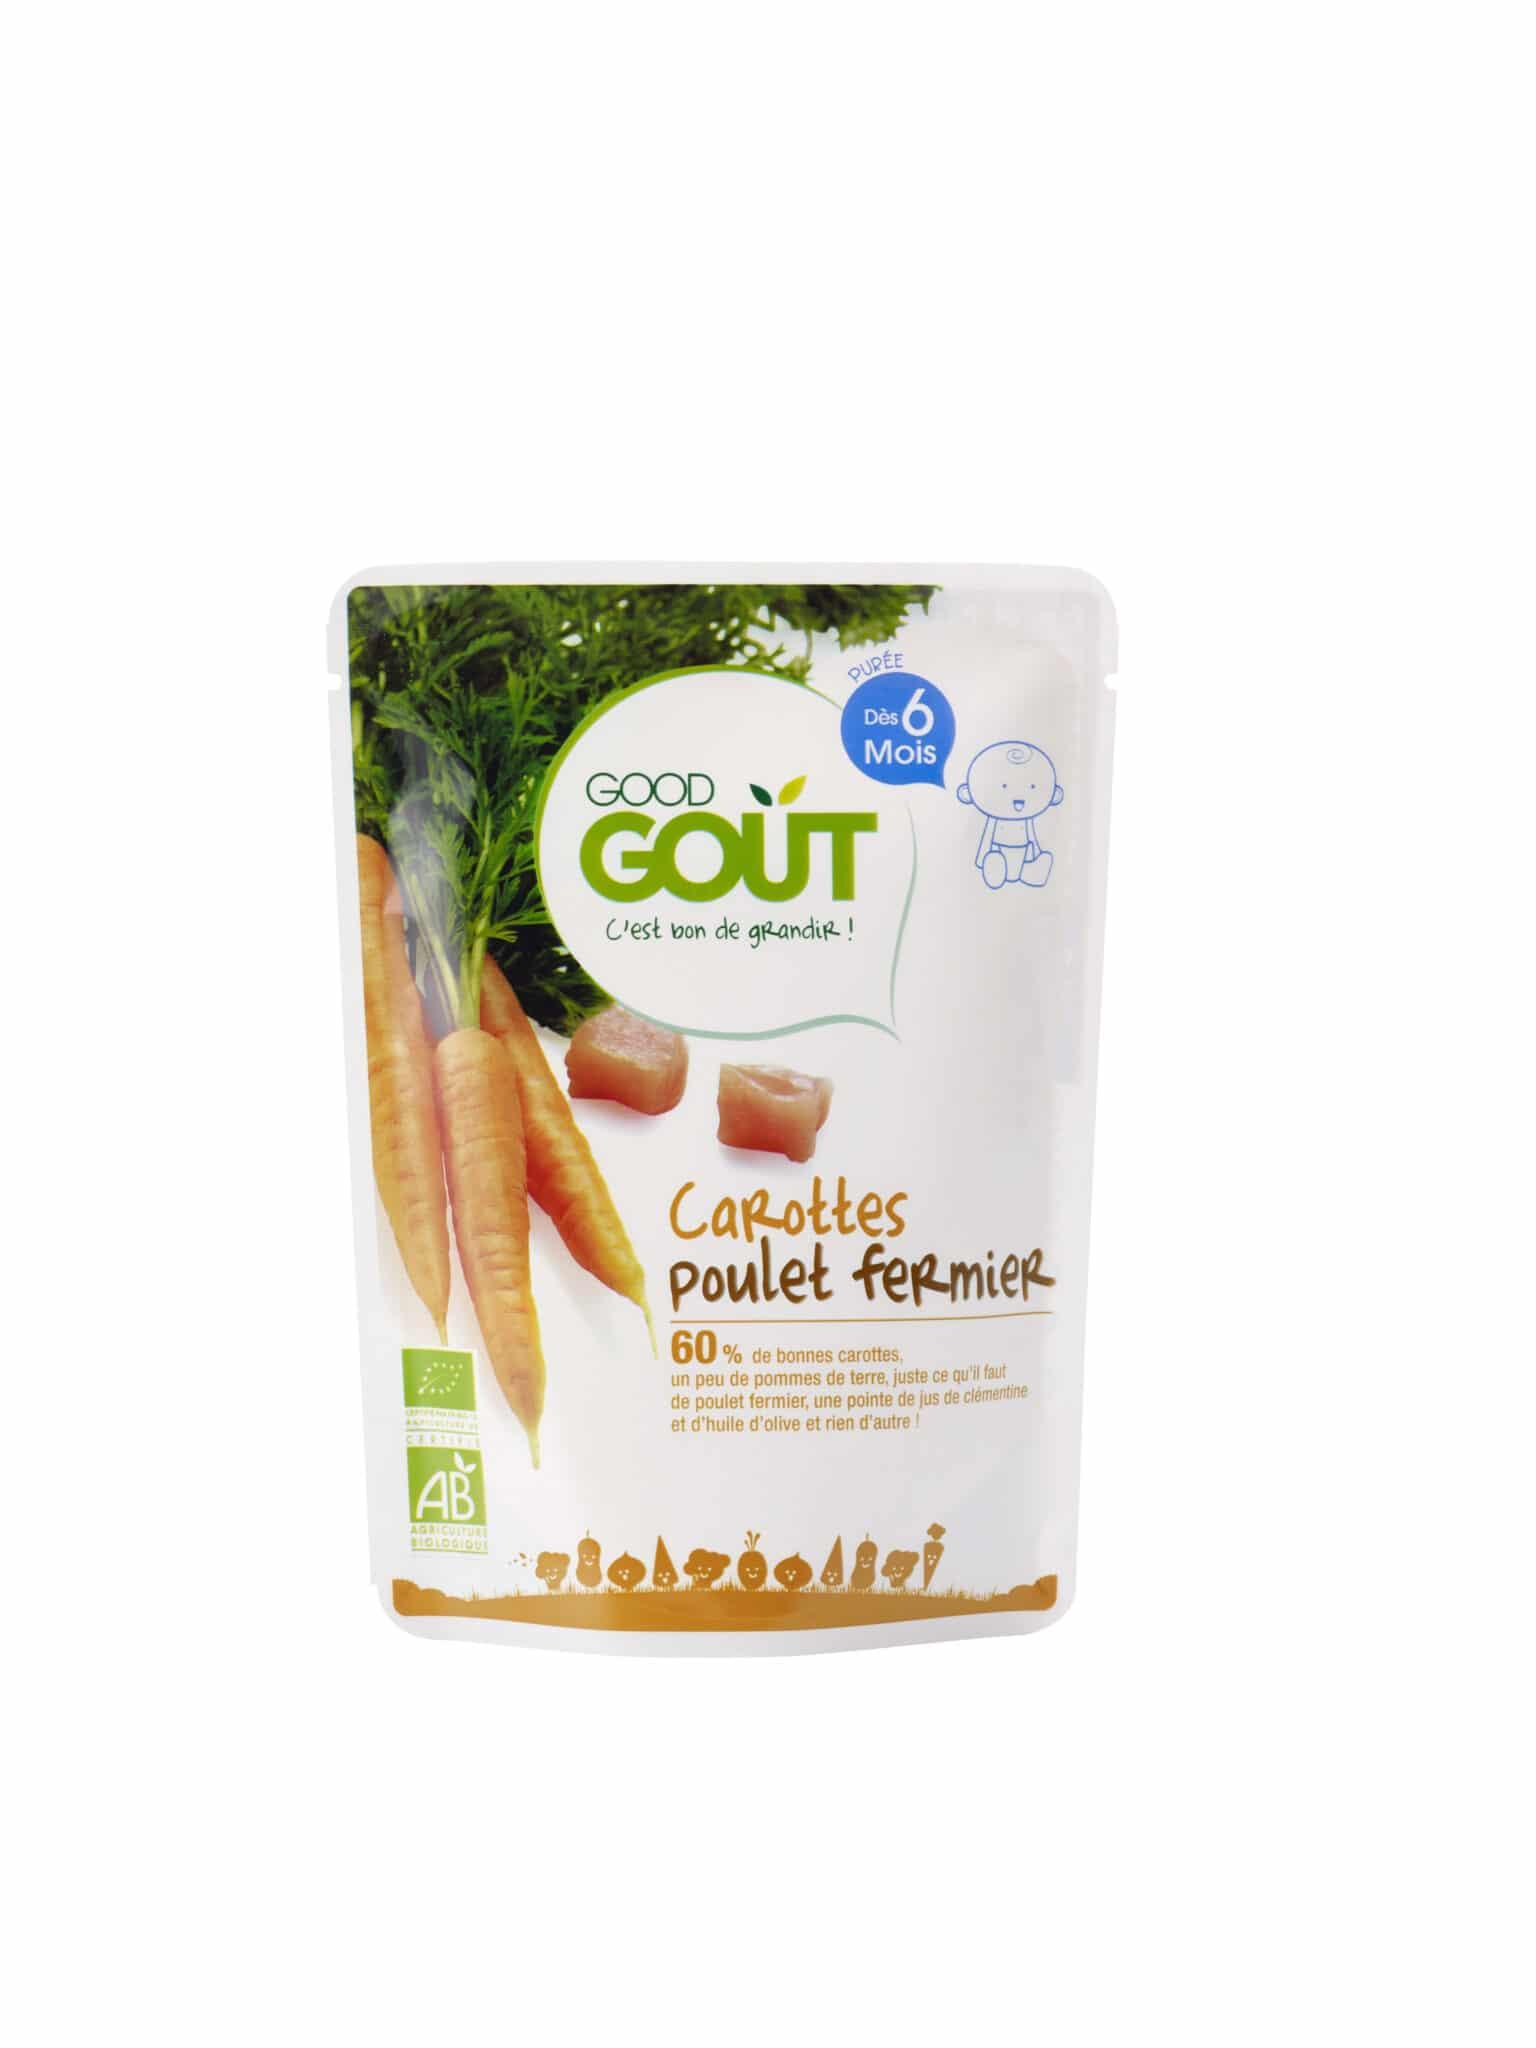 Good Goût Carottes